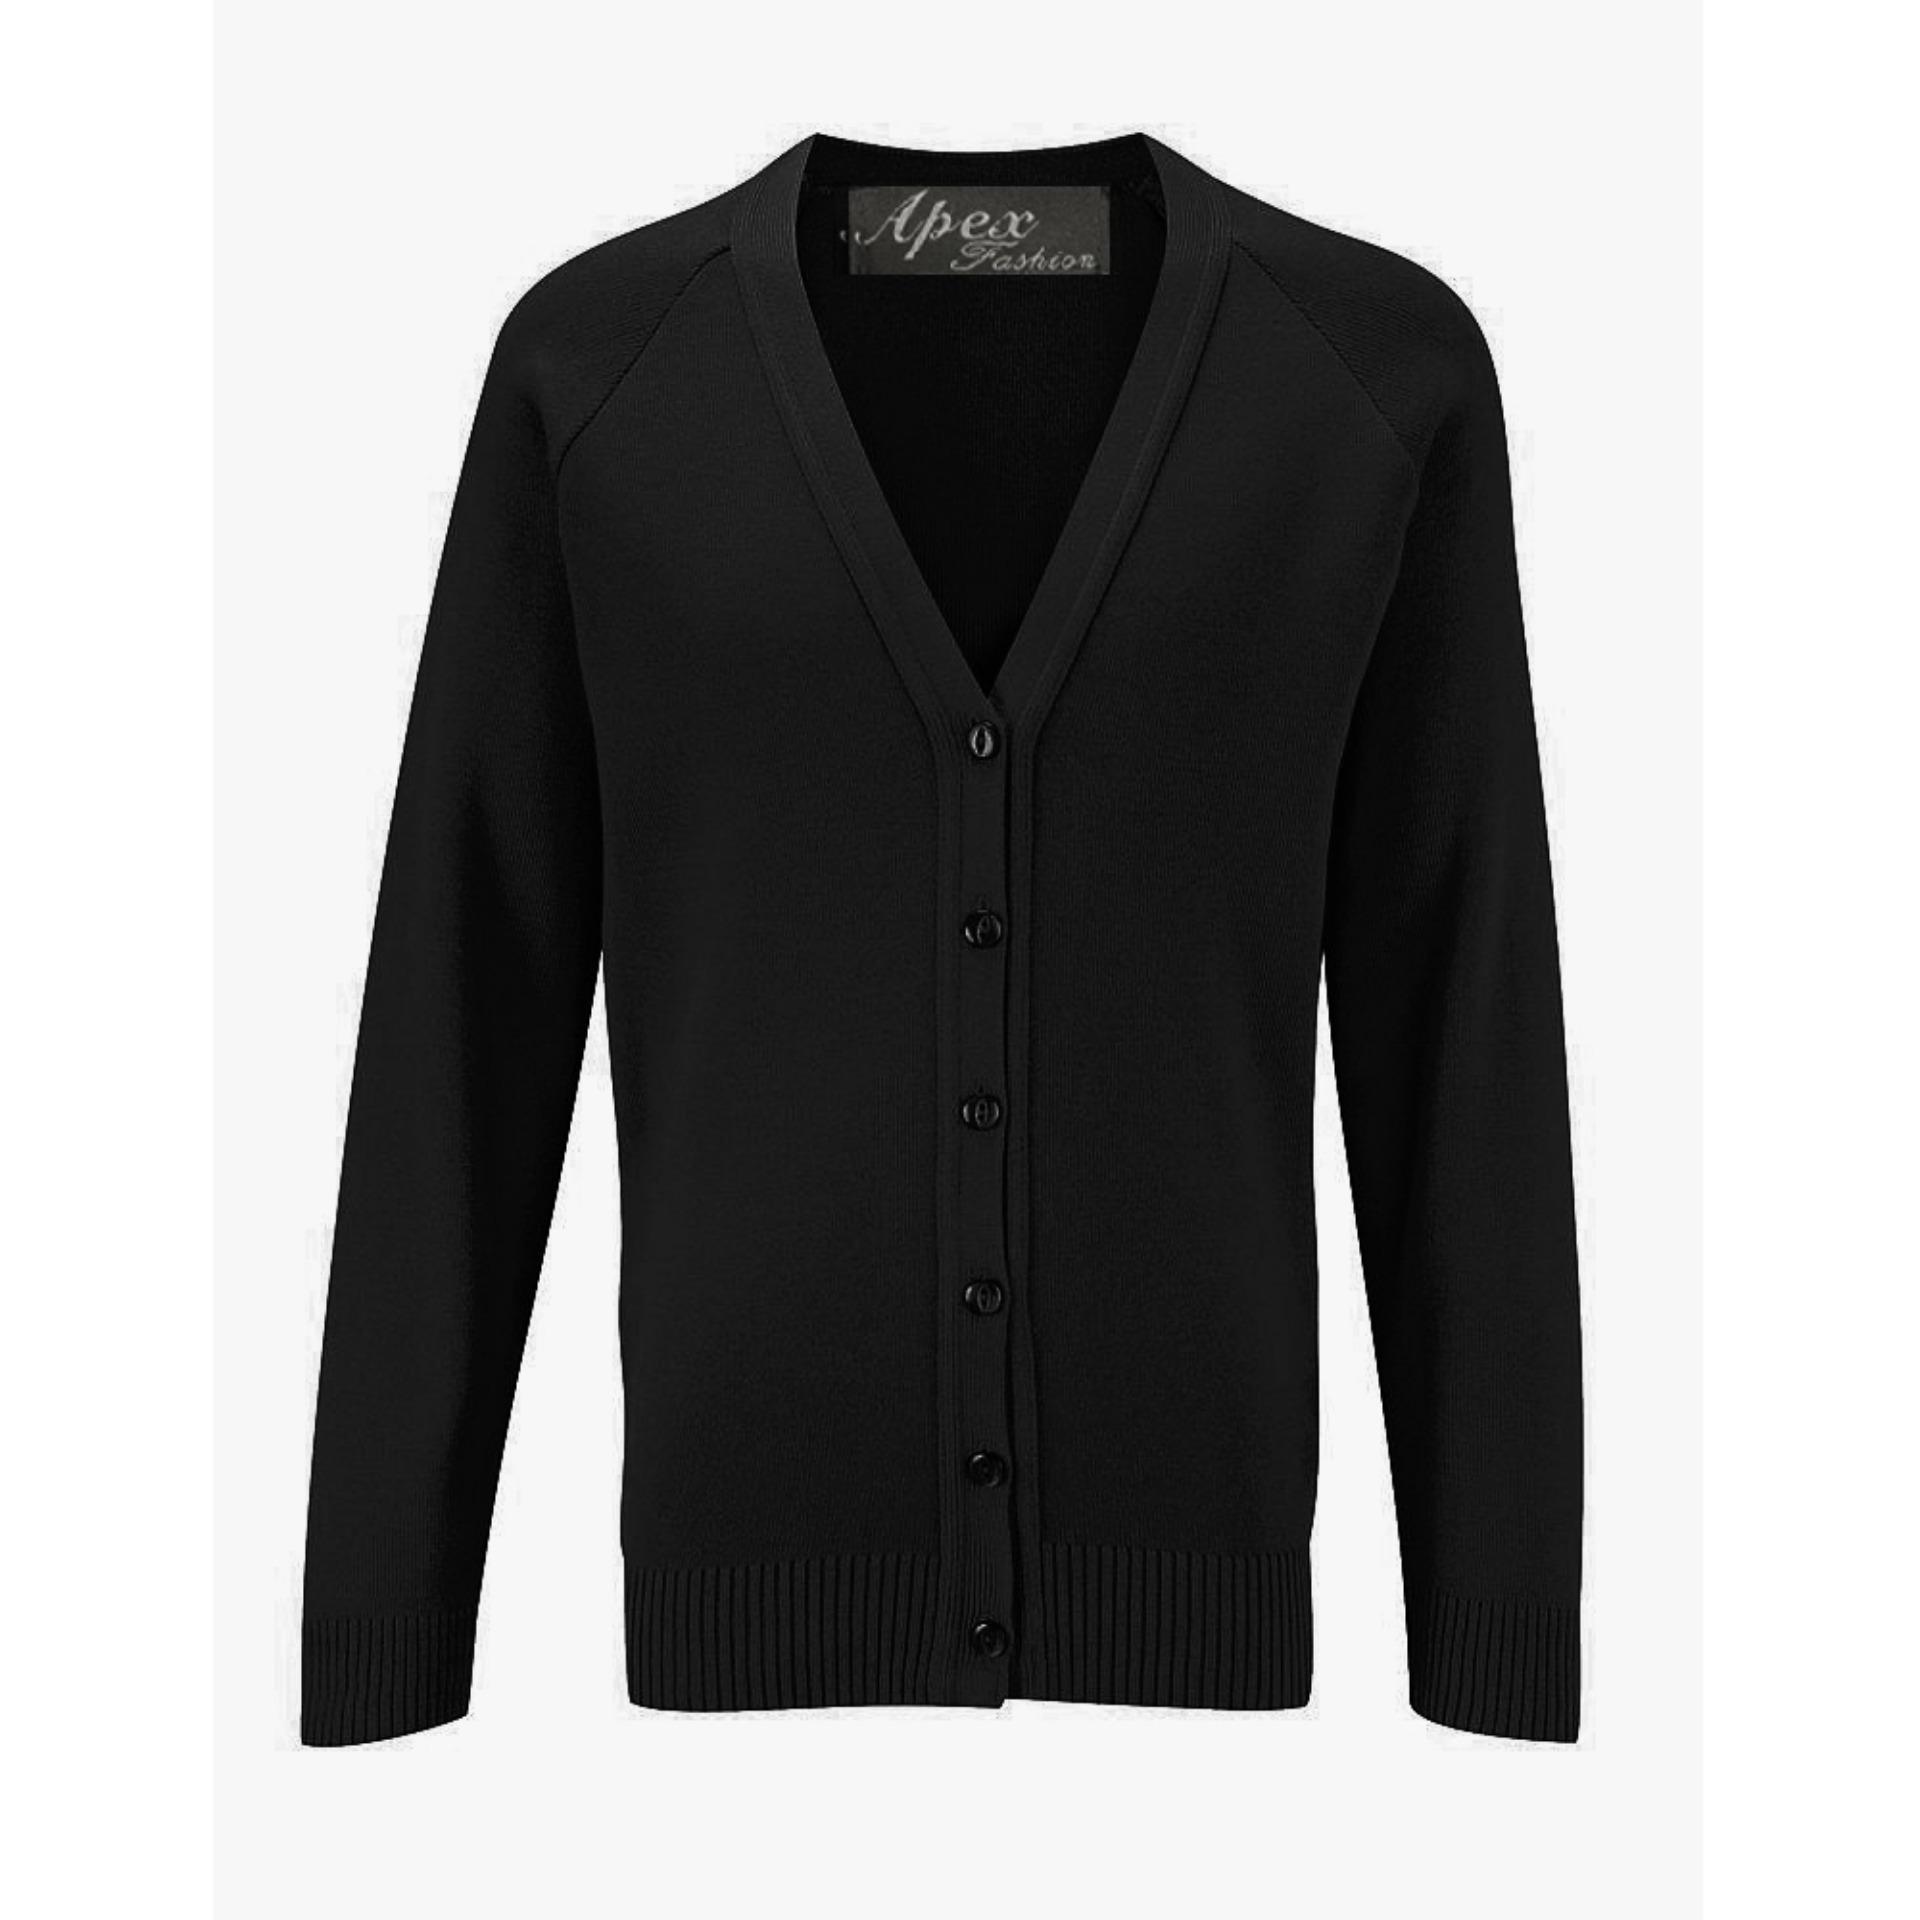 Địa Chỉ Bán Aó Len Nam Apex Fashion – 21576A ( Black)